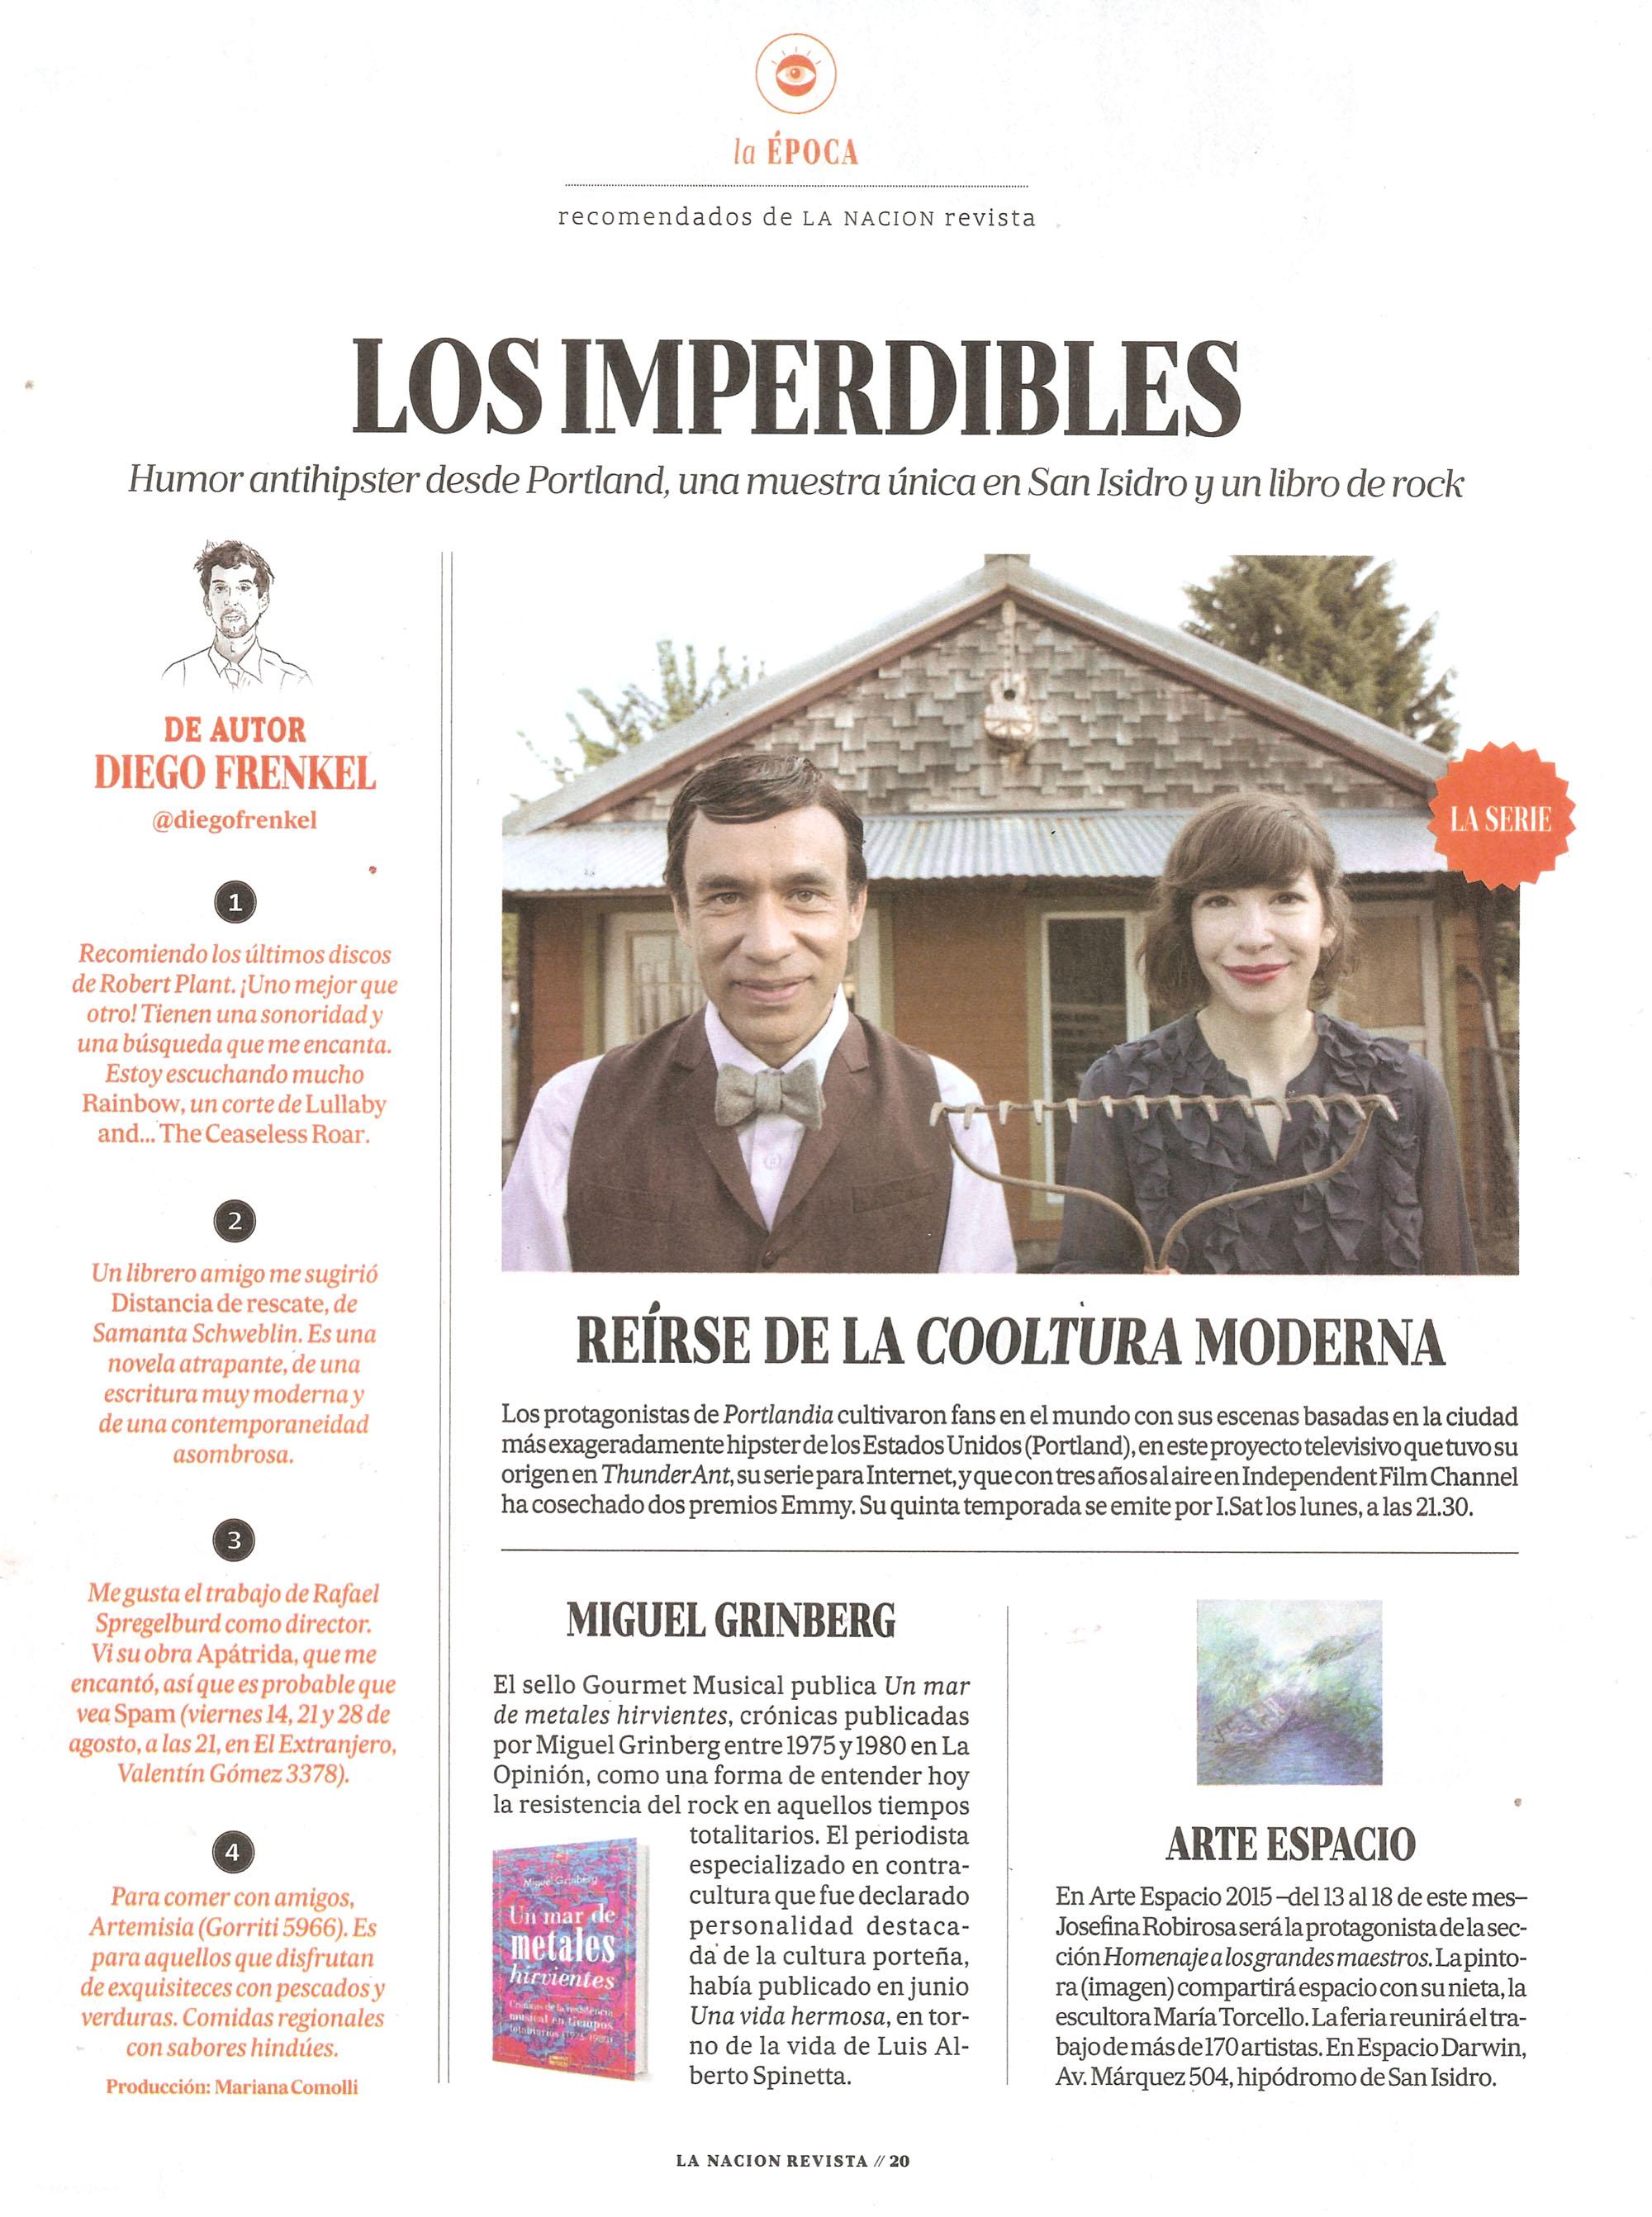 Un mar de metales en La Nación Revista domingo 9 de agosto